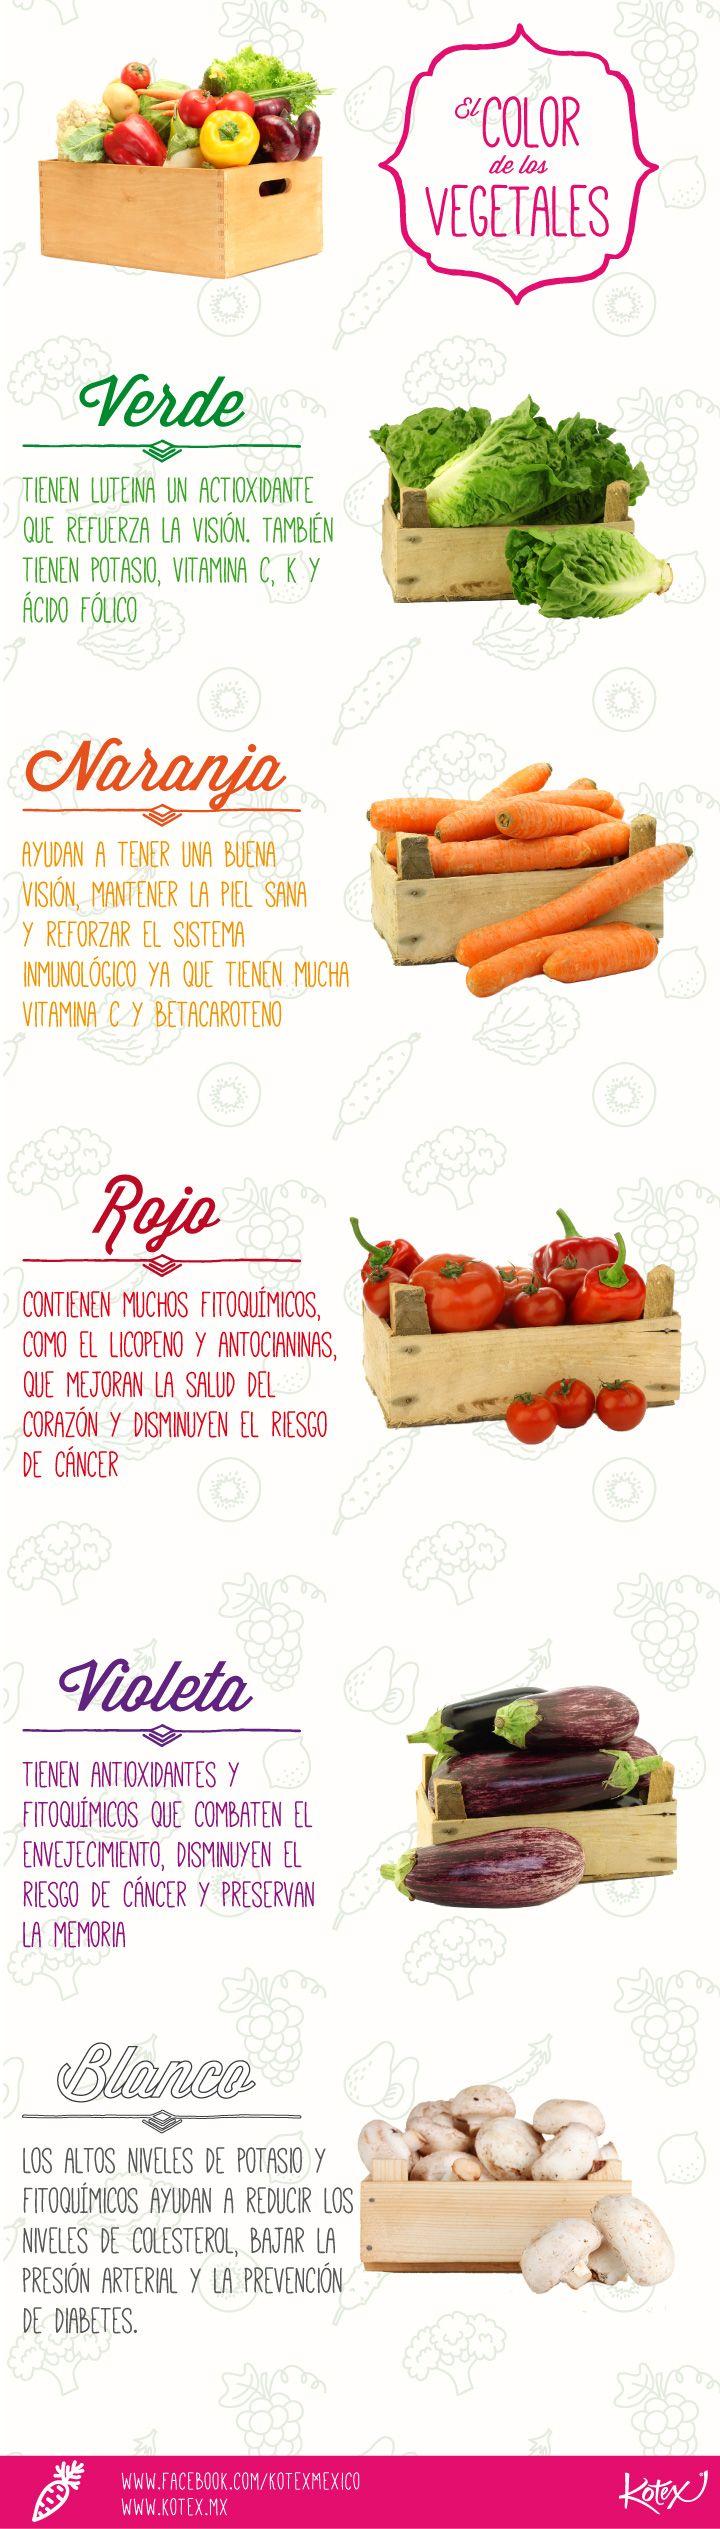 Los pigmentos naturales de los alimentos aportan grandes beneficios. Procure incluir tantos colores en su dieta diaria como le sea posible. @SalubritasClini www.salubritasclinica.wordpress.com www.salubritasclinica.wix.com